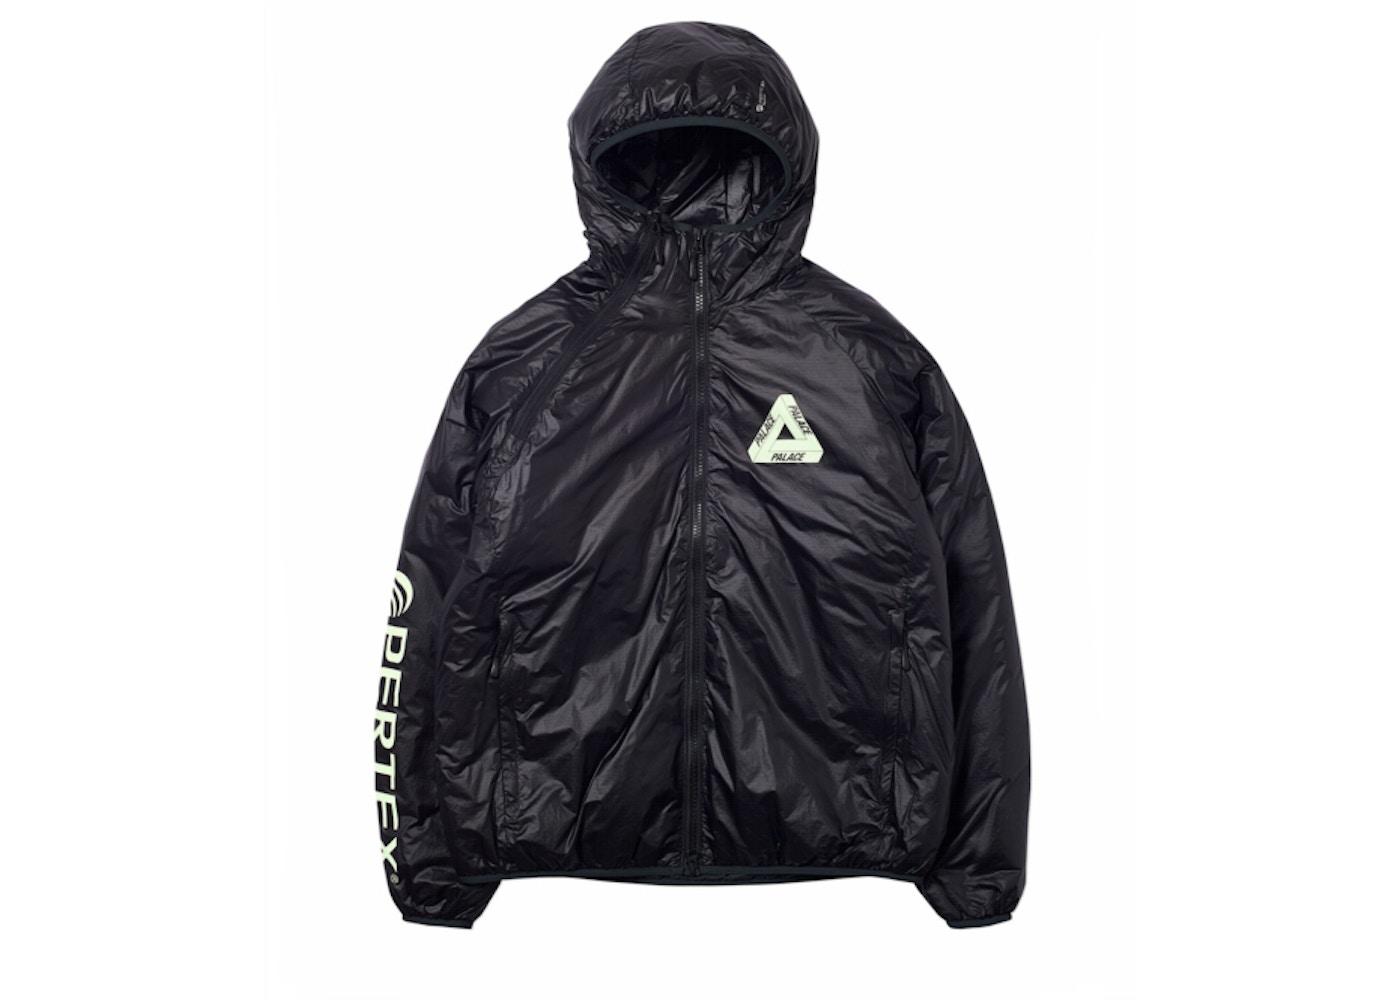 93f1e4fa25dc Palace Jackets - Buy   Sell Streetwear